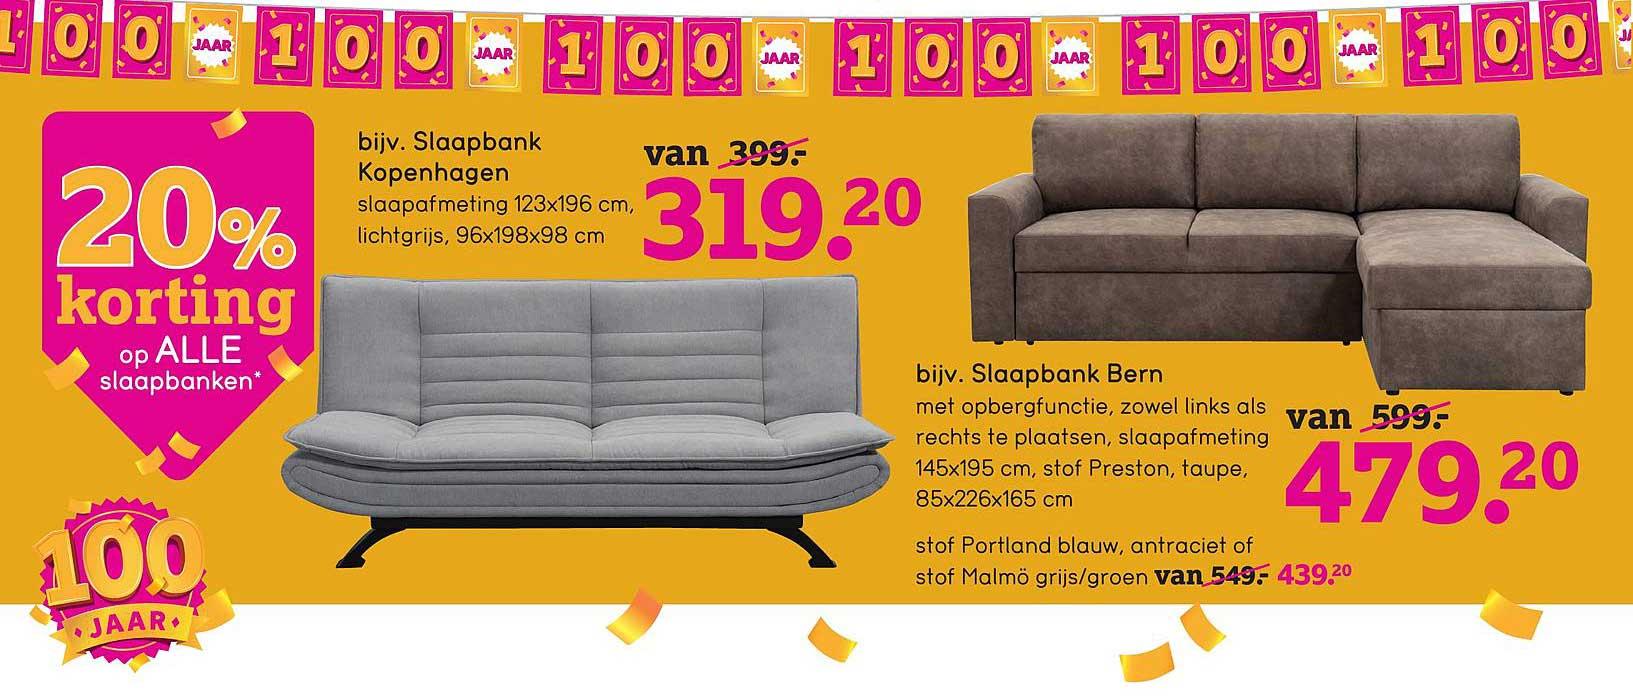 Blauwe Slaapbank Ikea.3 Zits Slaapbank Aanbieding Bij Ikea